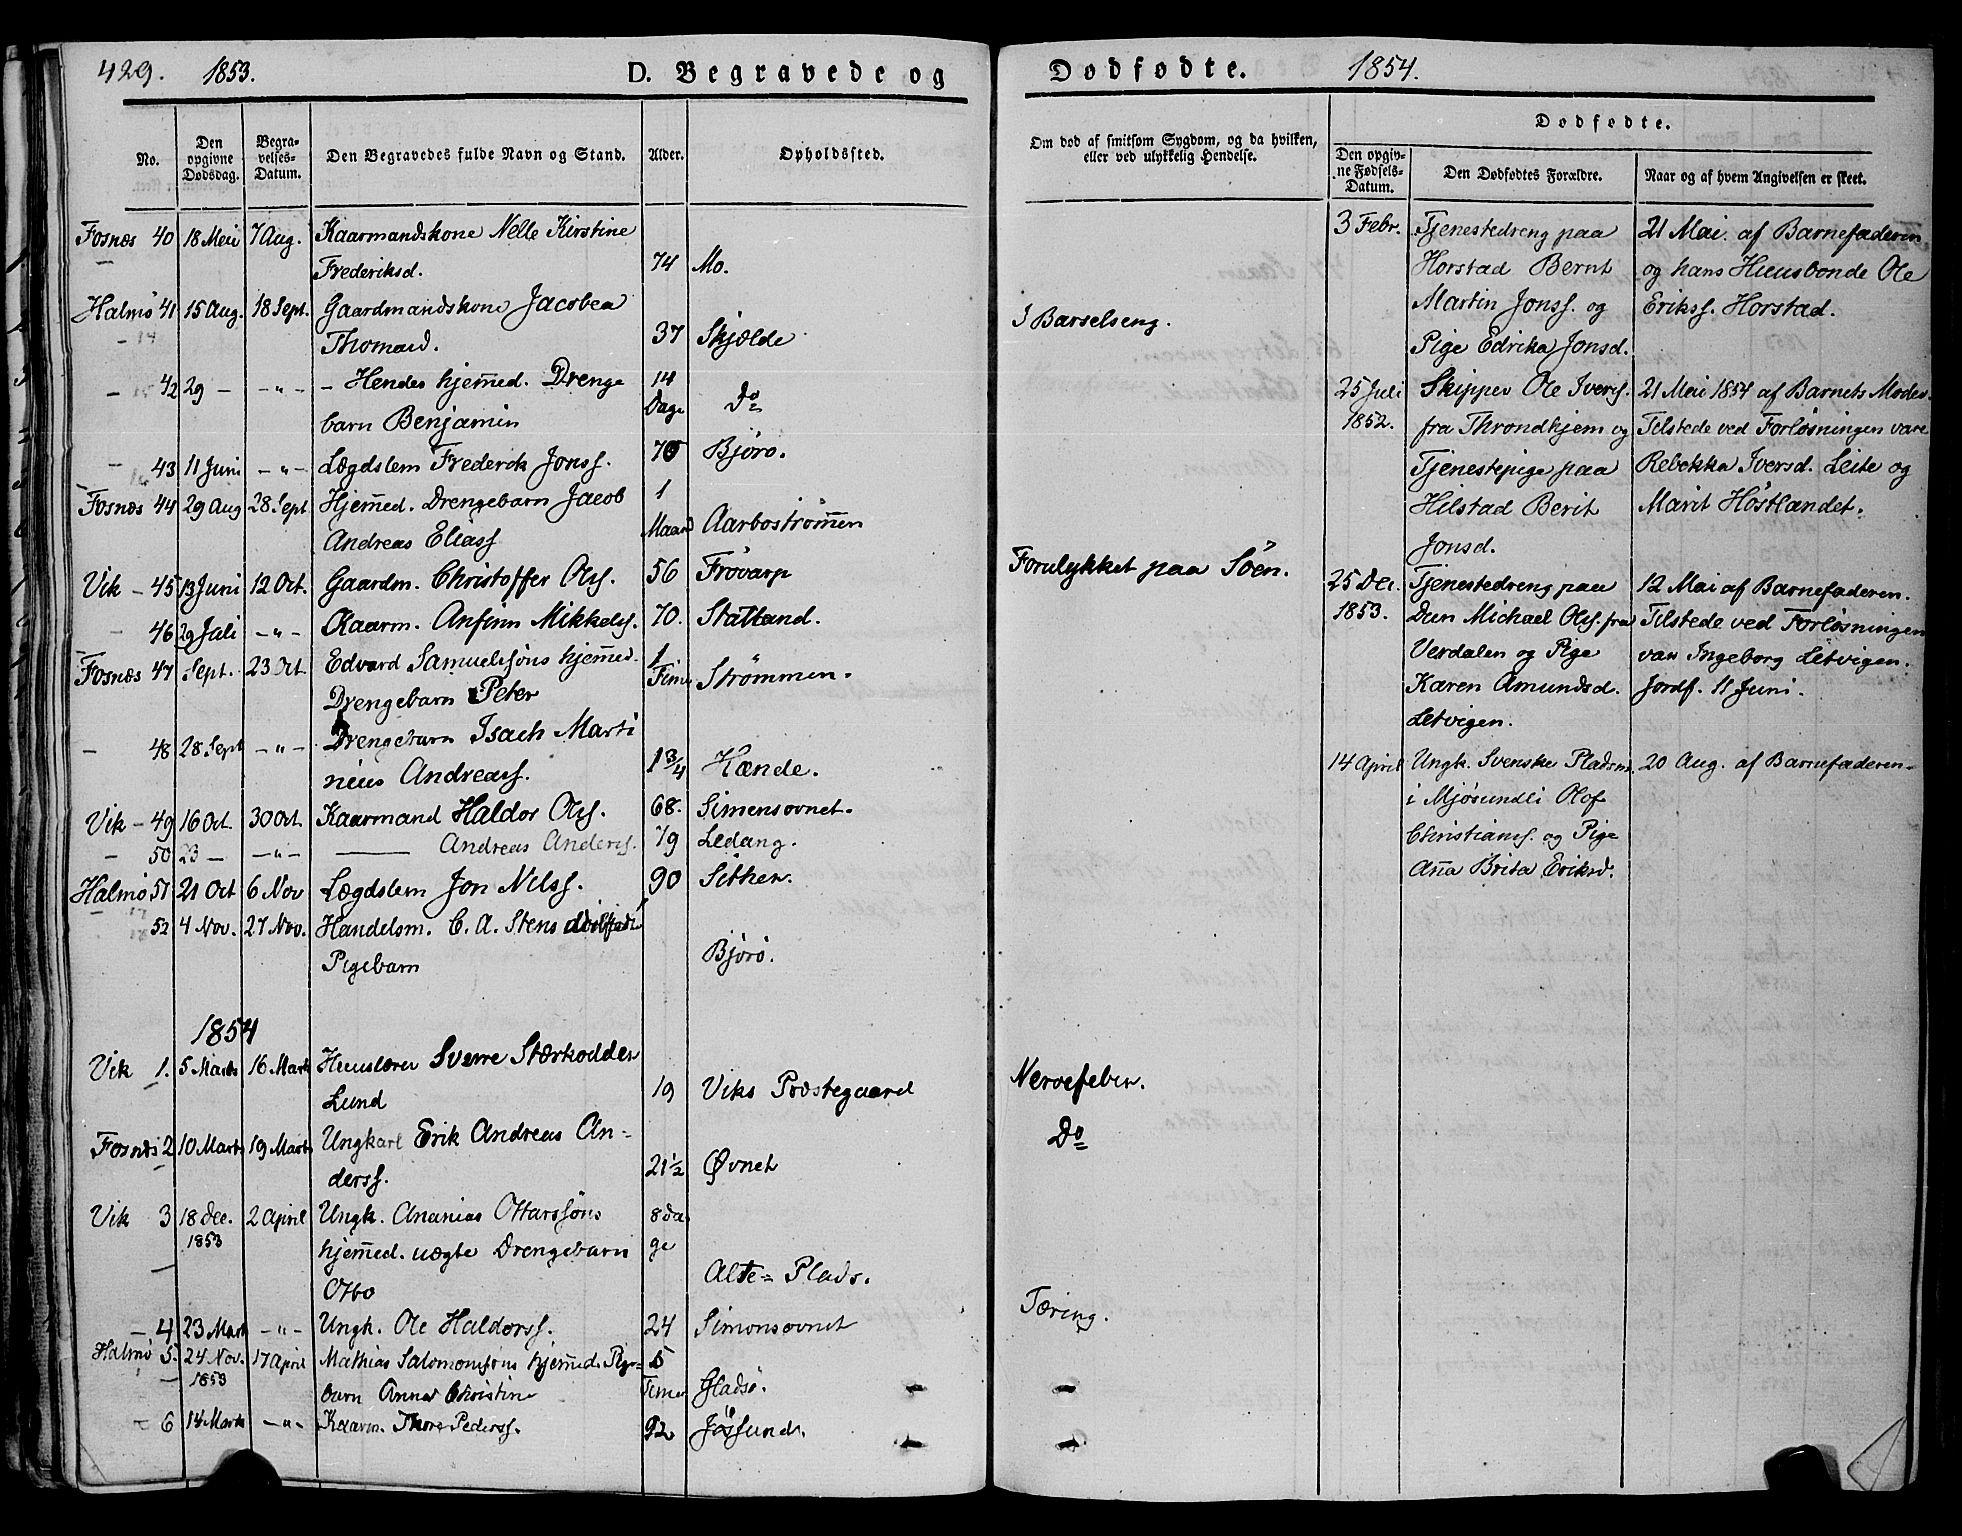 SAT, Ministerialprotokoller, klokkerbøker og fødselsregistre - Nord-Trøndelag, 773/L0614: Ministerialbok nr. 773A05, 1831-1856, s. 429